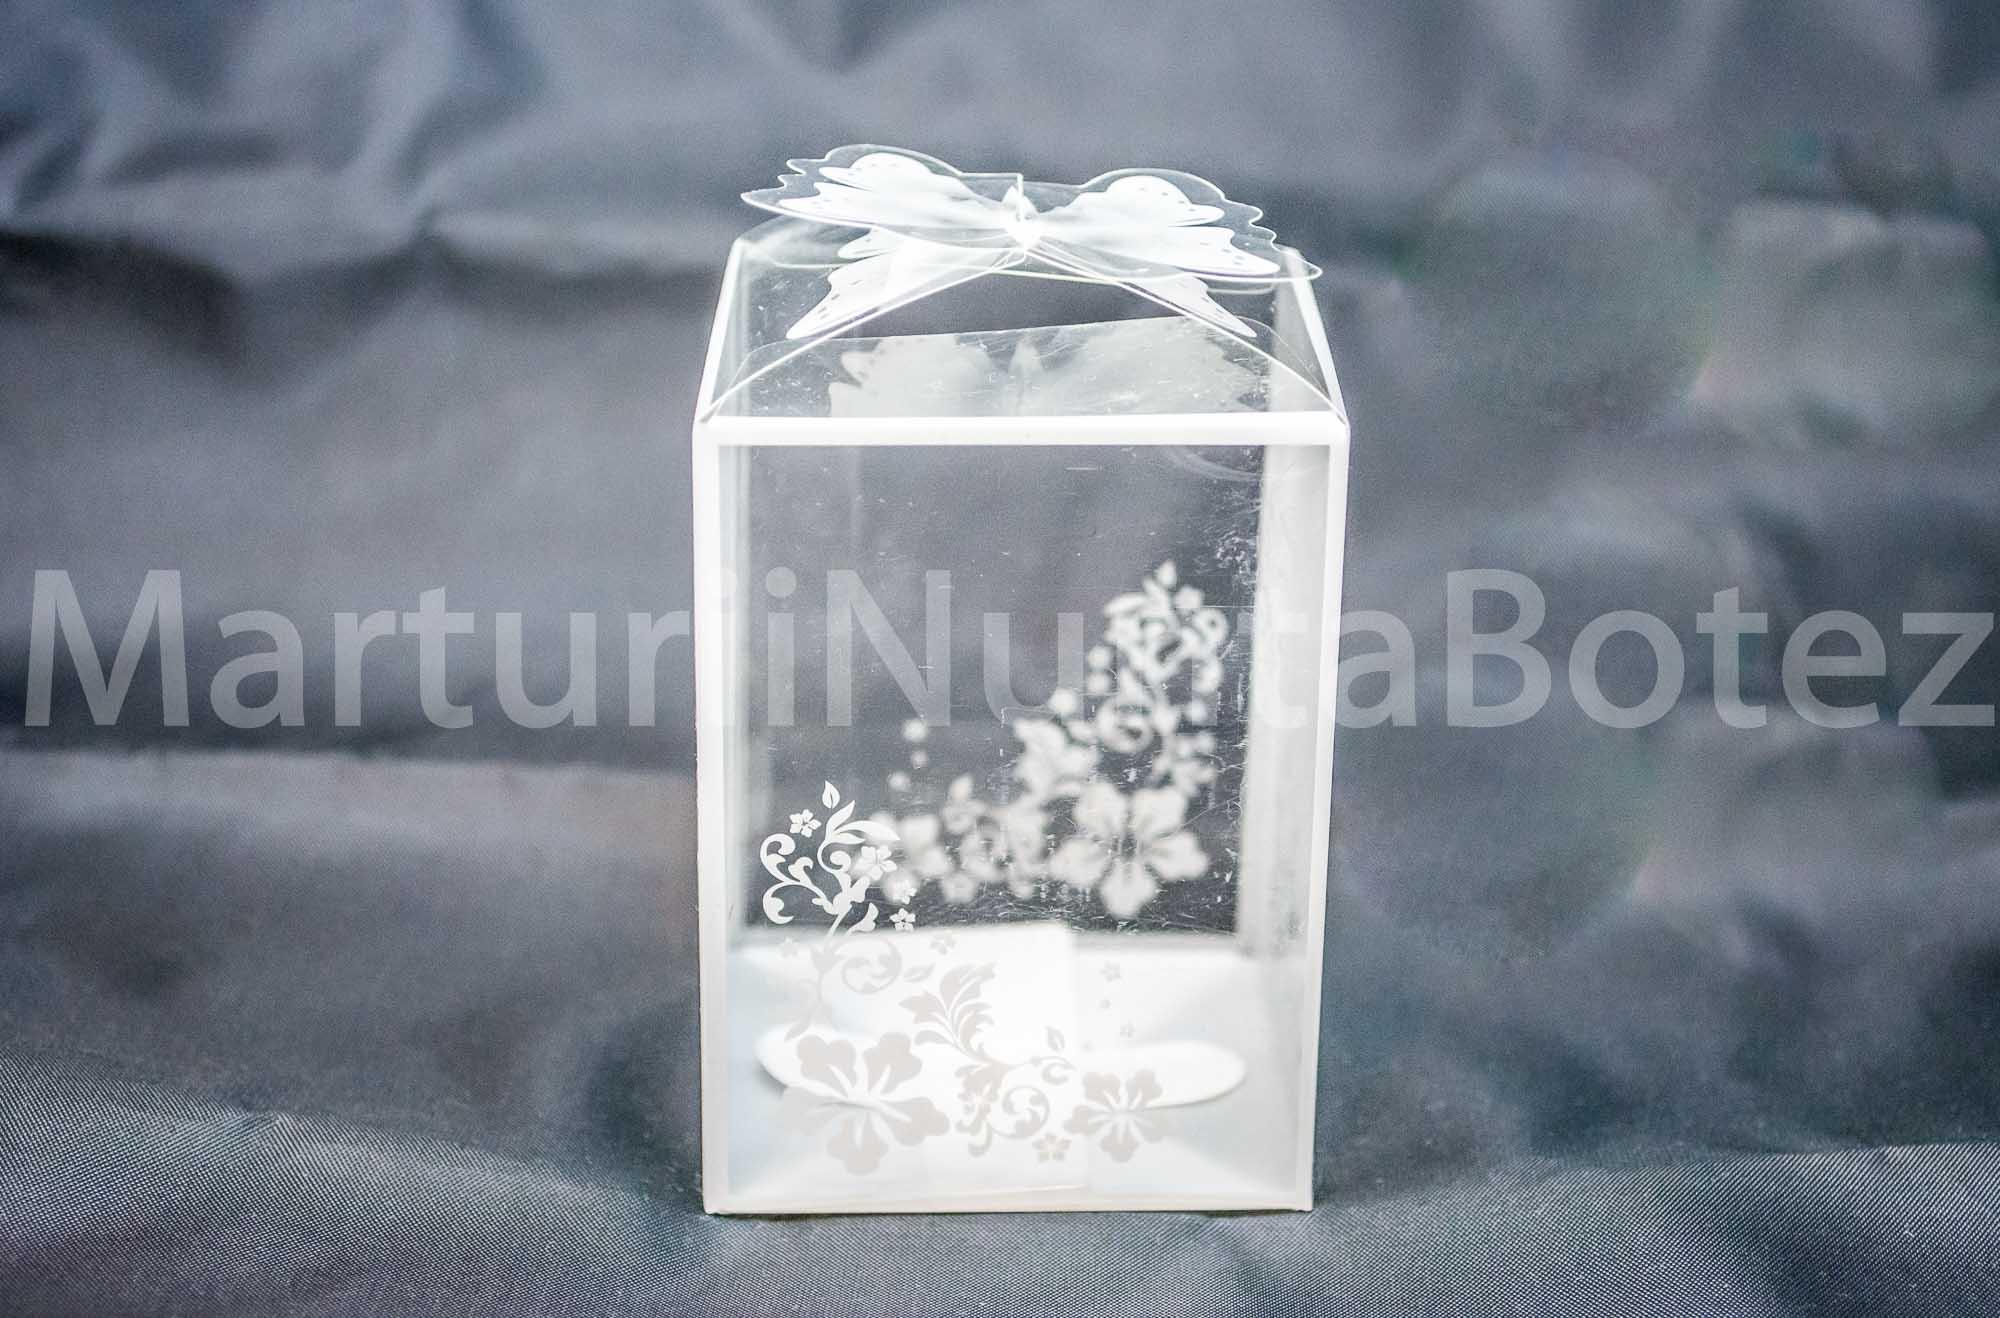 Cutie_transparenta_plastic_acetofan_model_deosebit_marturii_marturie_nunta_botez_alba1